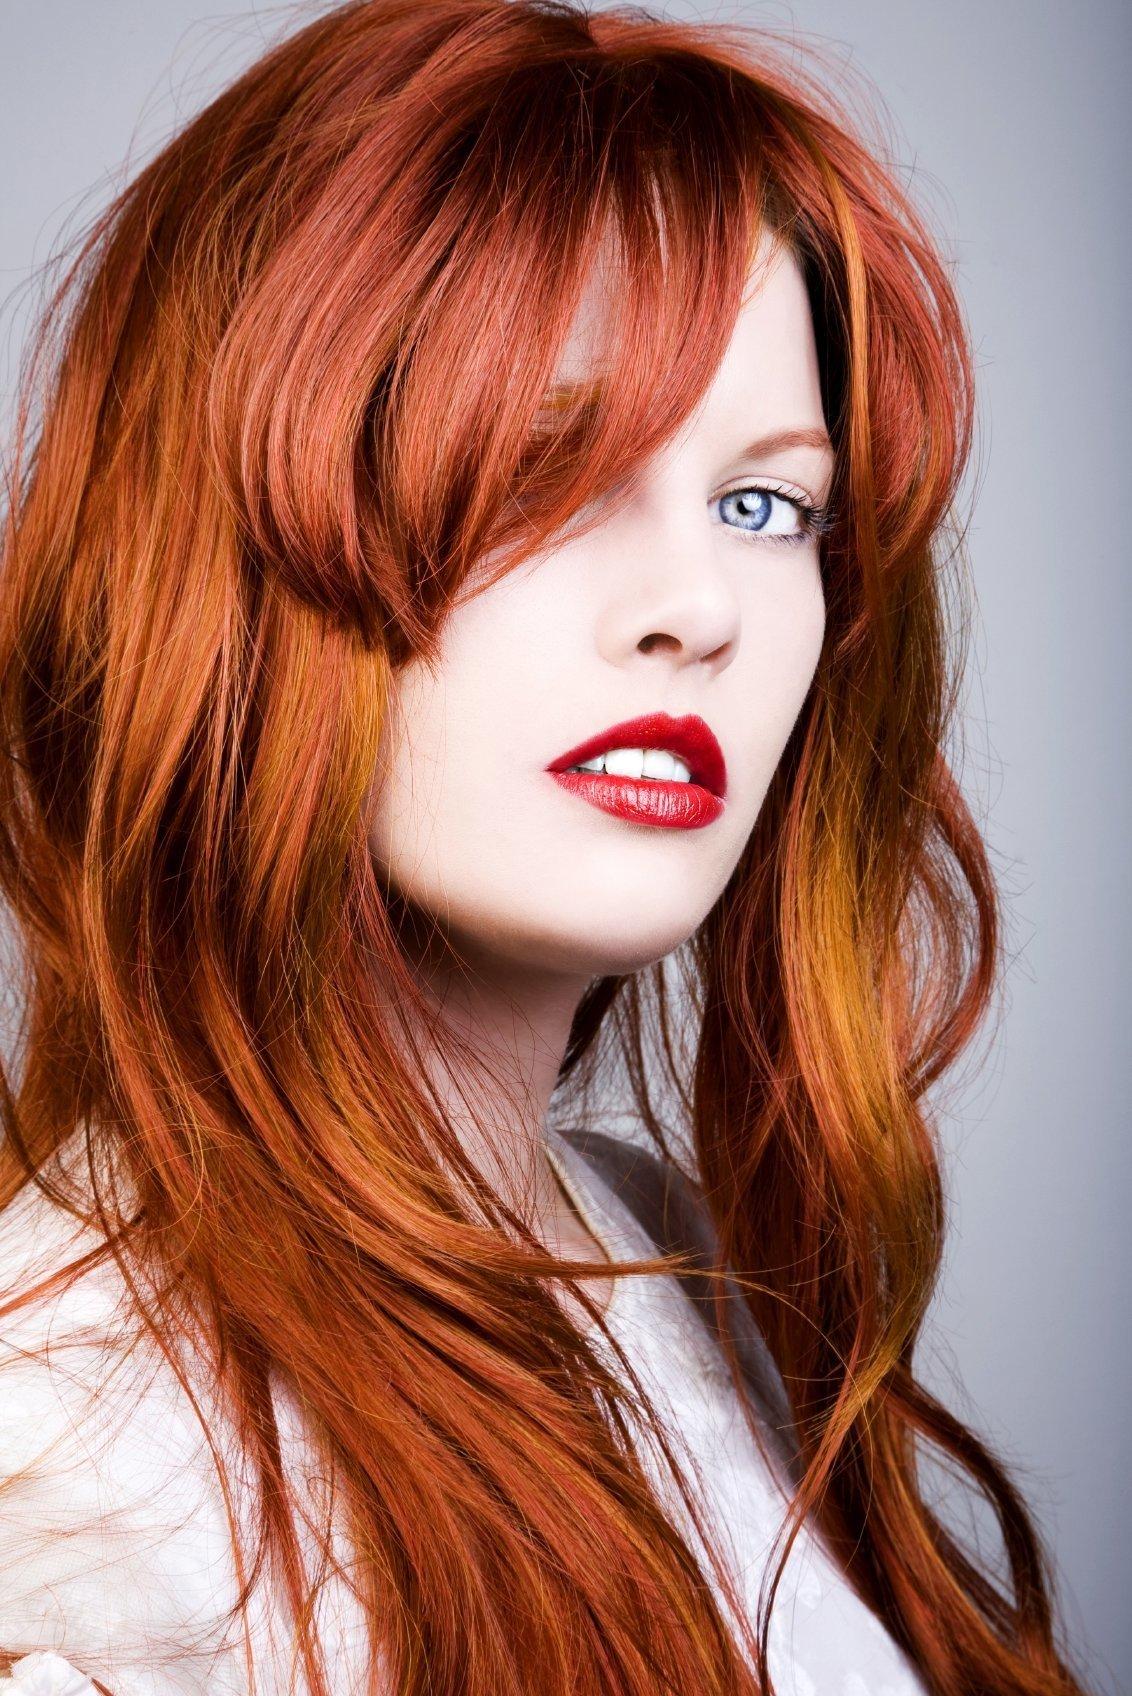 hair-cut-redhead-teen-bedroom-candid